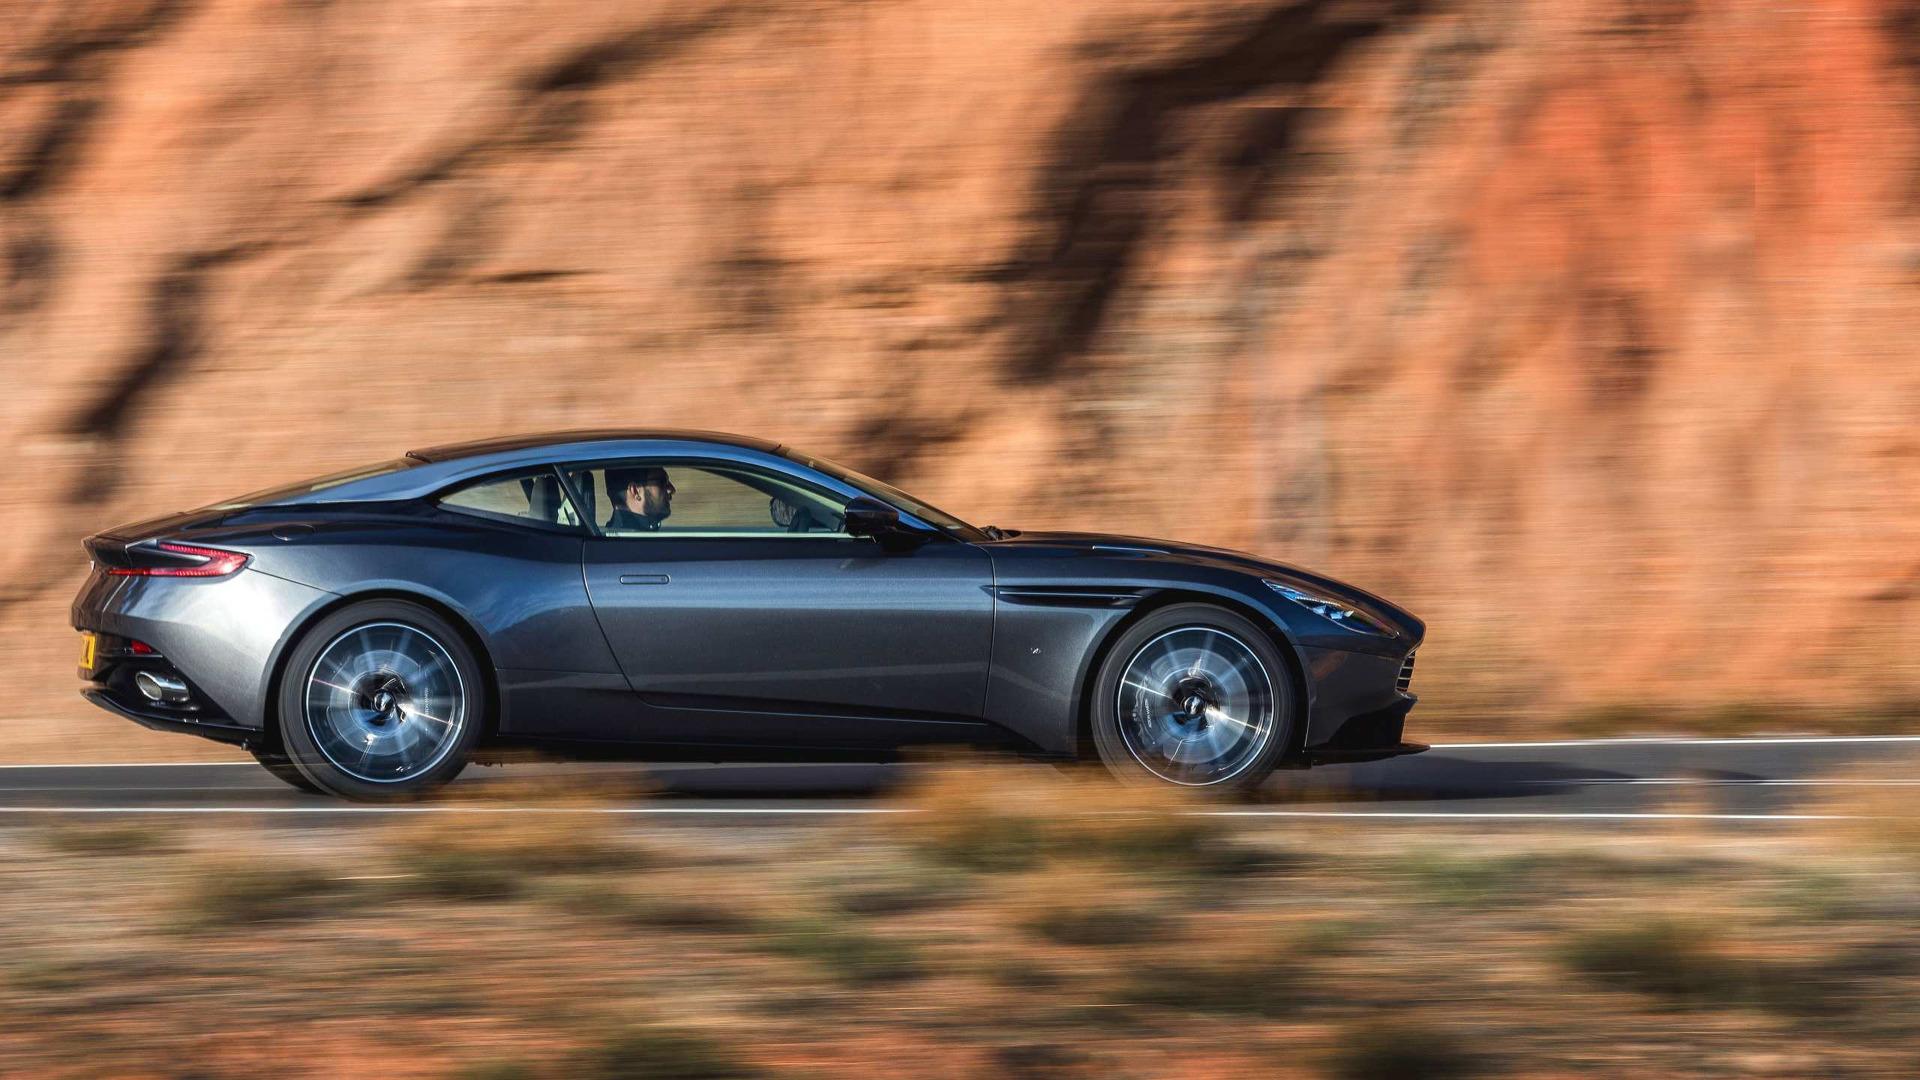 2017 Aston Martin Db11 Review 2017 q by aston martin db11 2